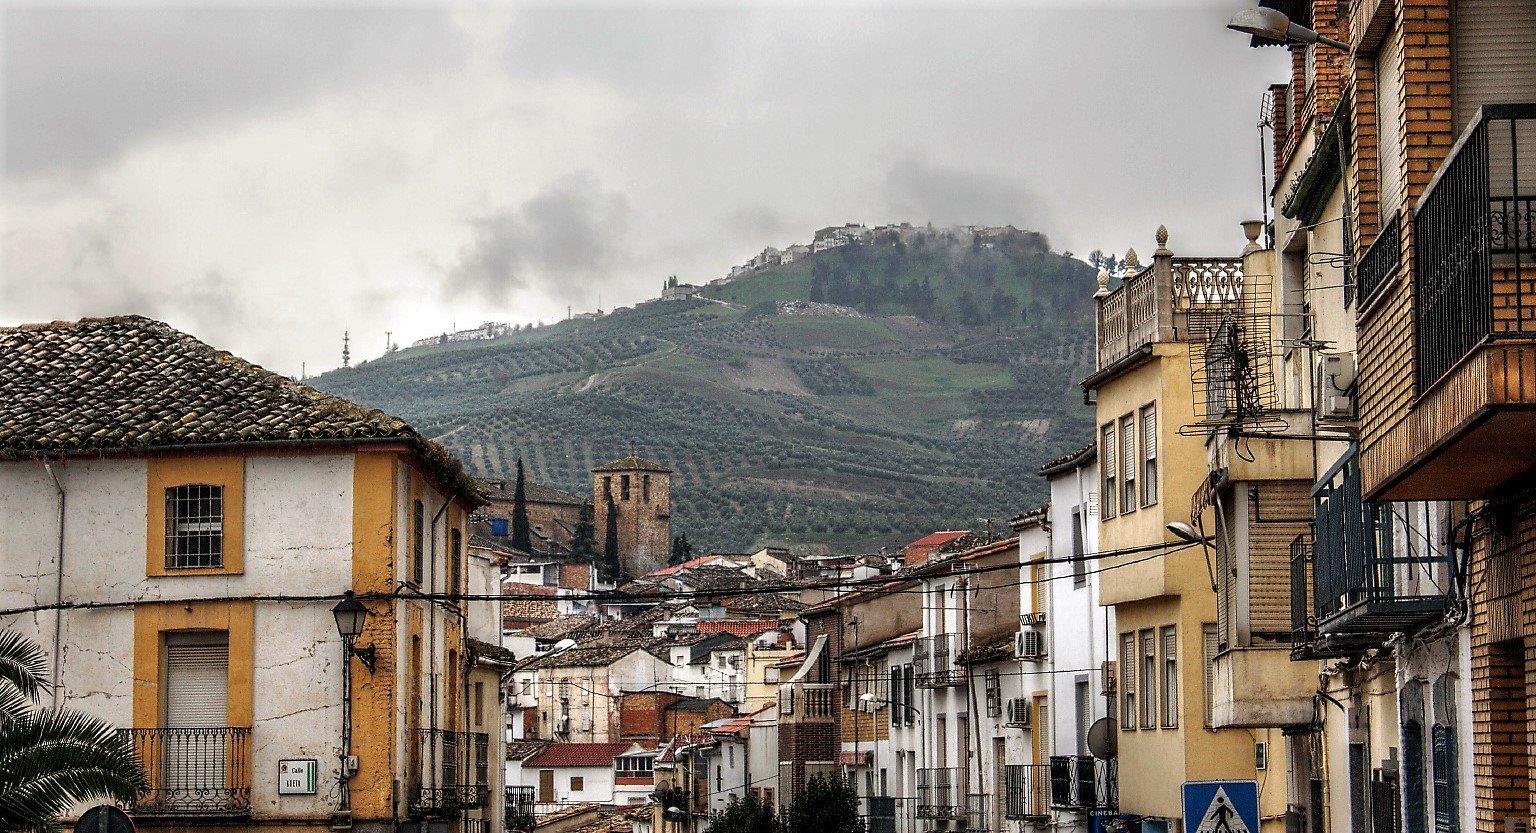 Nuevas medidas para mejorar el aire en Villanueva del Arzobispo - Lacontradejaen